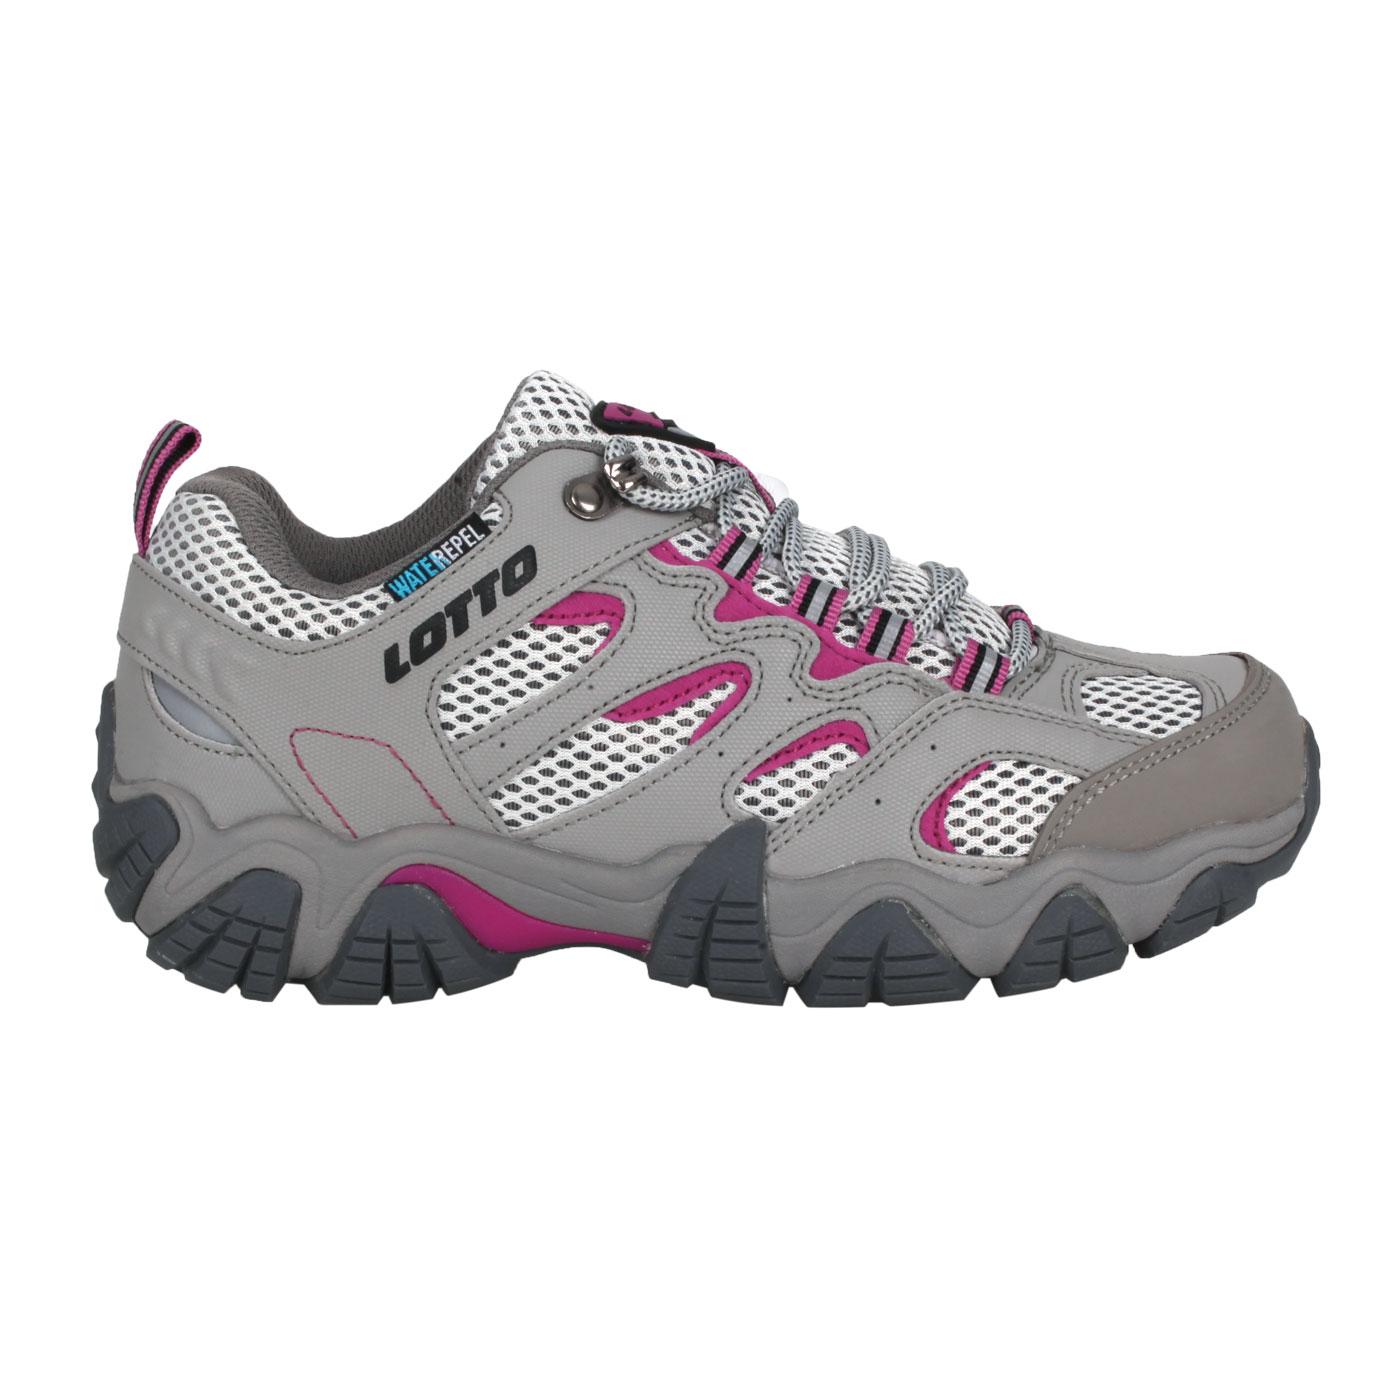 LOTTO 女款防水登山踏青鞋 LT1AWO3808 - 灰紫